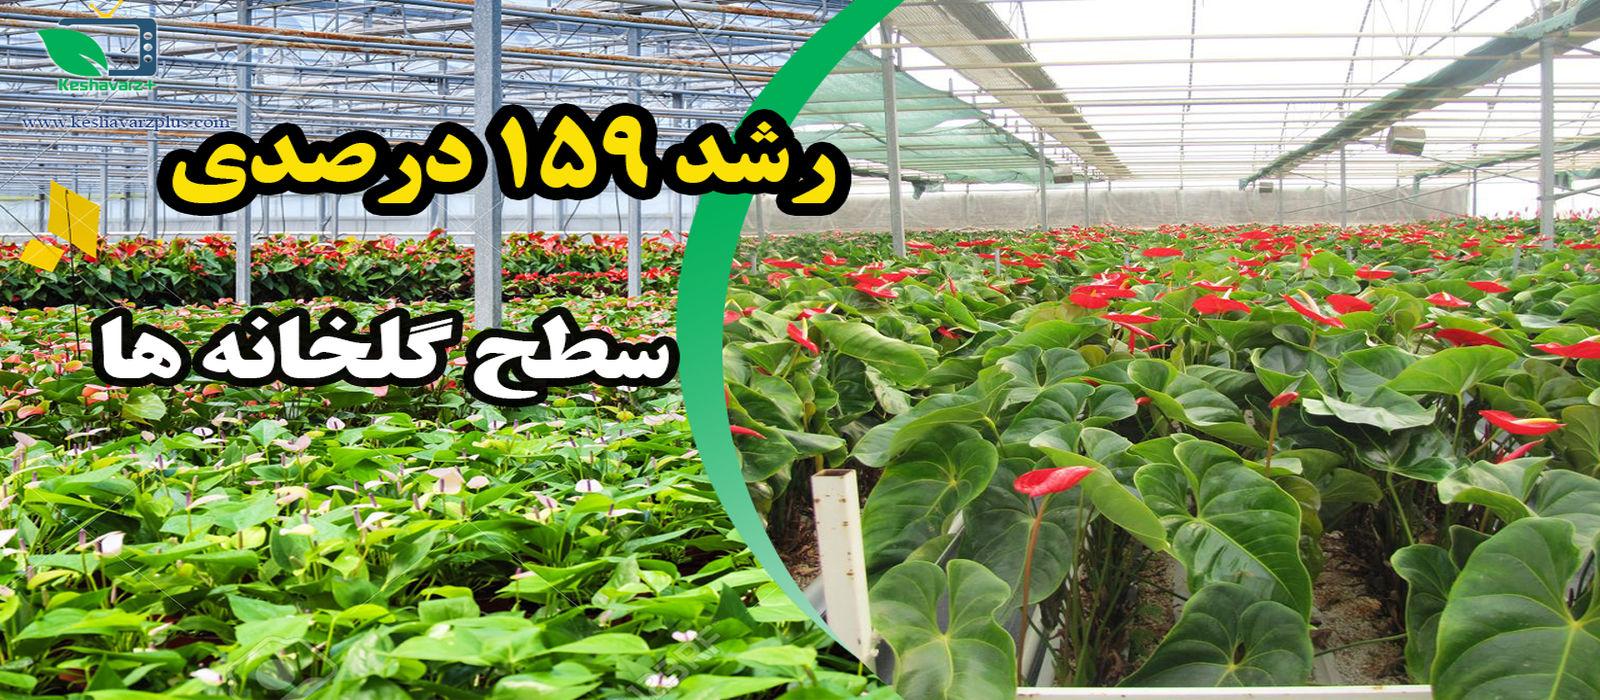 افزایش صادرات و اشتغال، ثمرات توسعه گلخانه ها